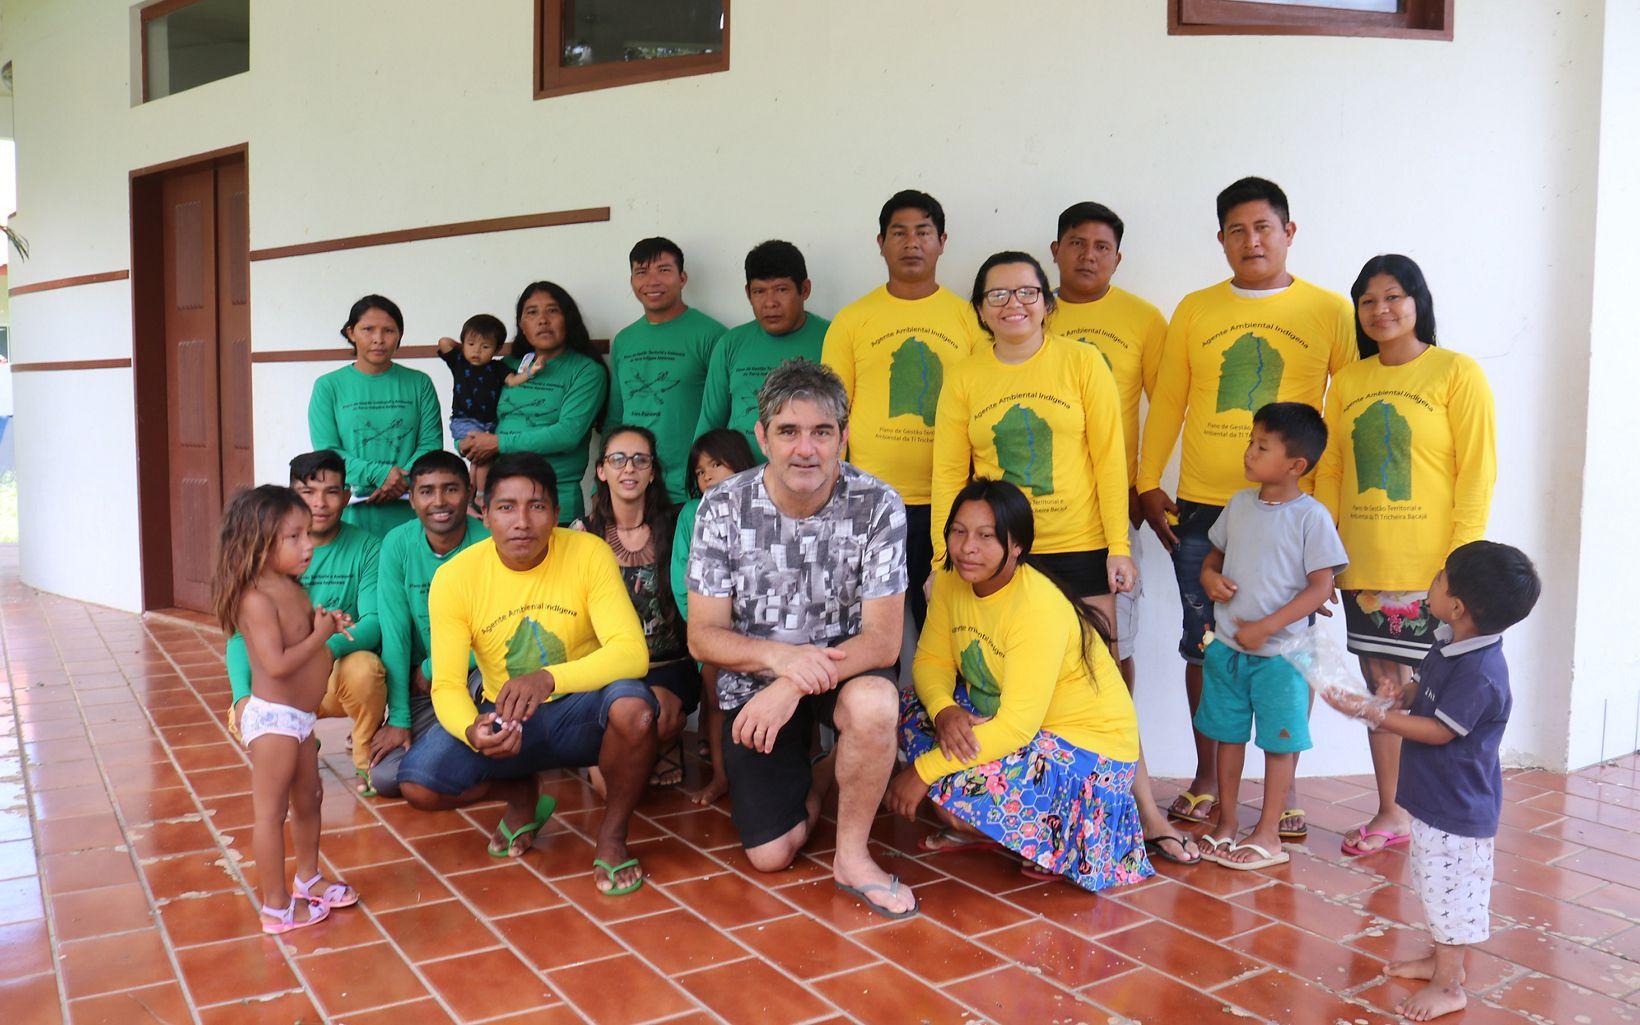 Eduardo Barnes e Luciana Lima, da TNC Brasil, junto com os os representantes dos povos indígenas Parakanã e Xikrin na SEMEX 2019, em Altamira-PA.